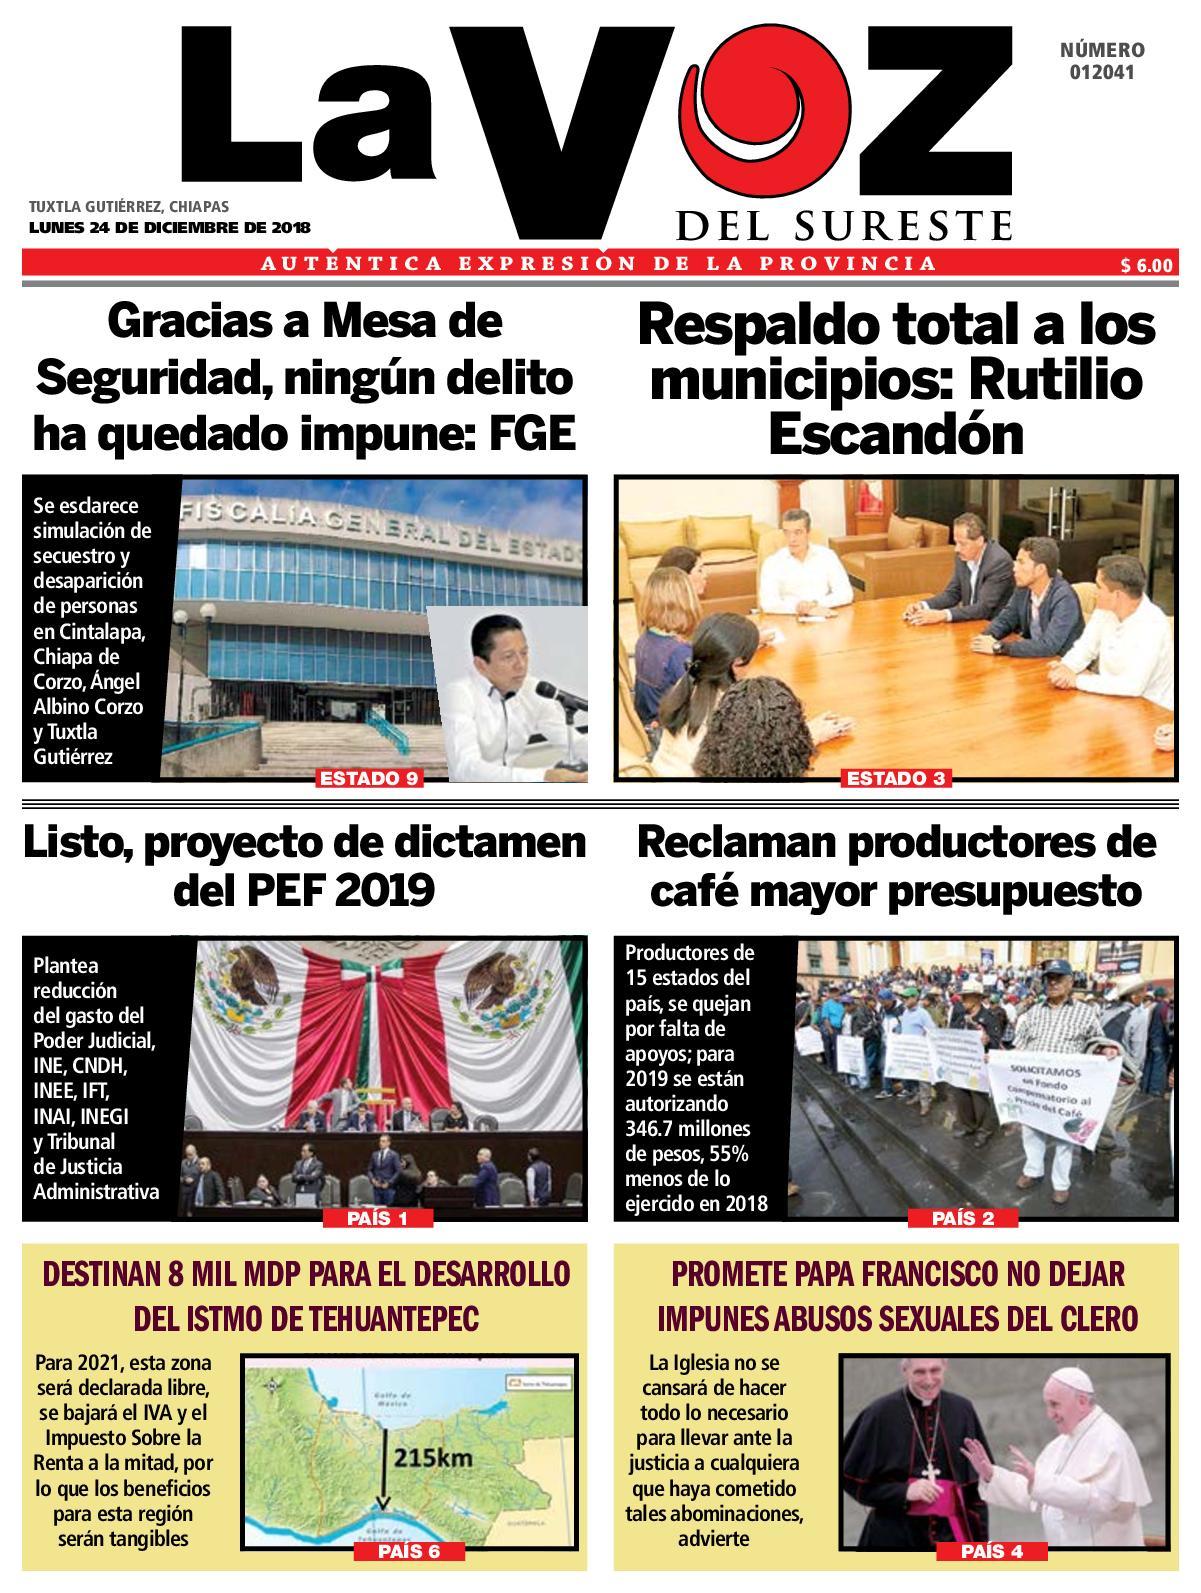 Calaméo - Diario La Voz del Sureste 24-12-2018 f8dfc2f397a